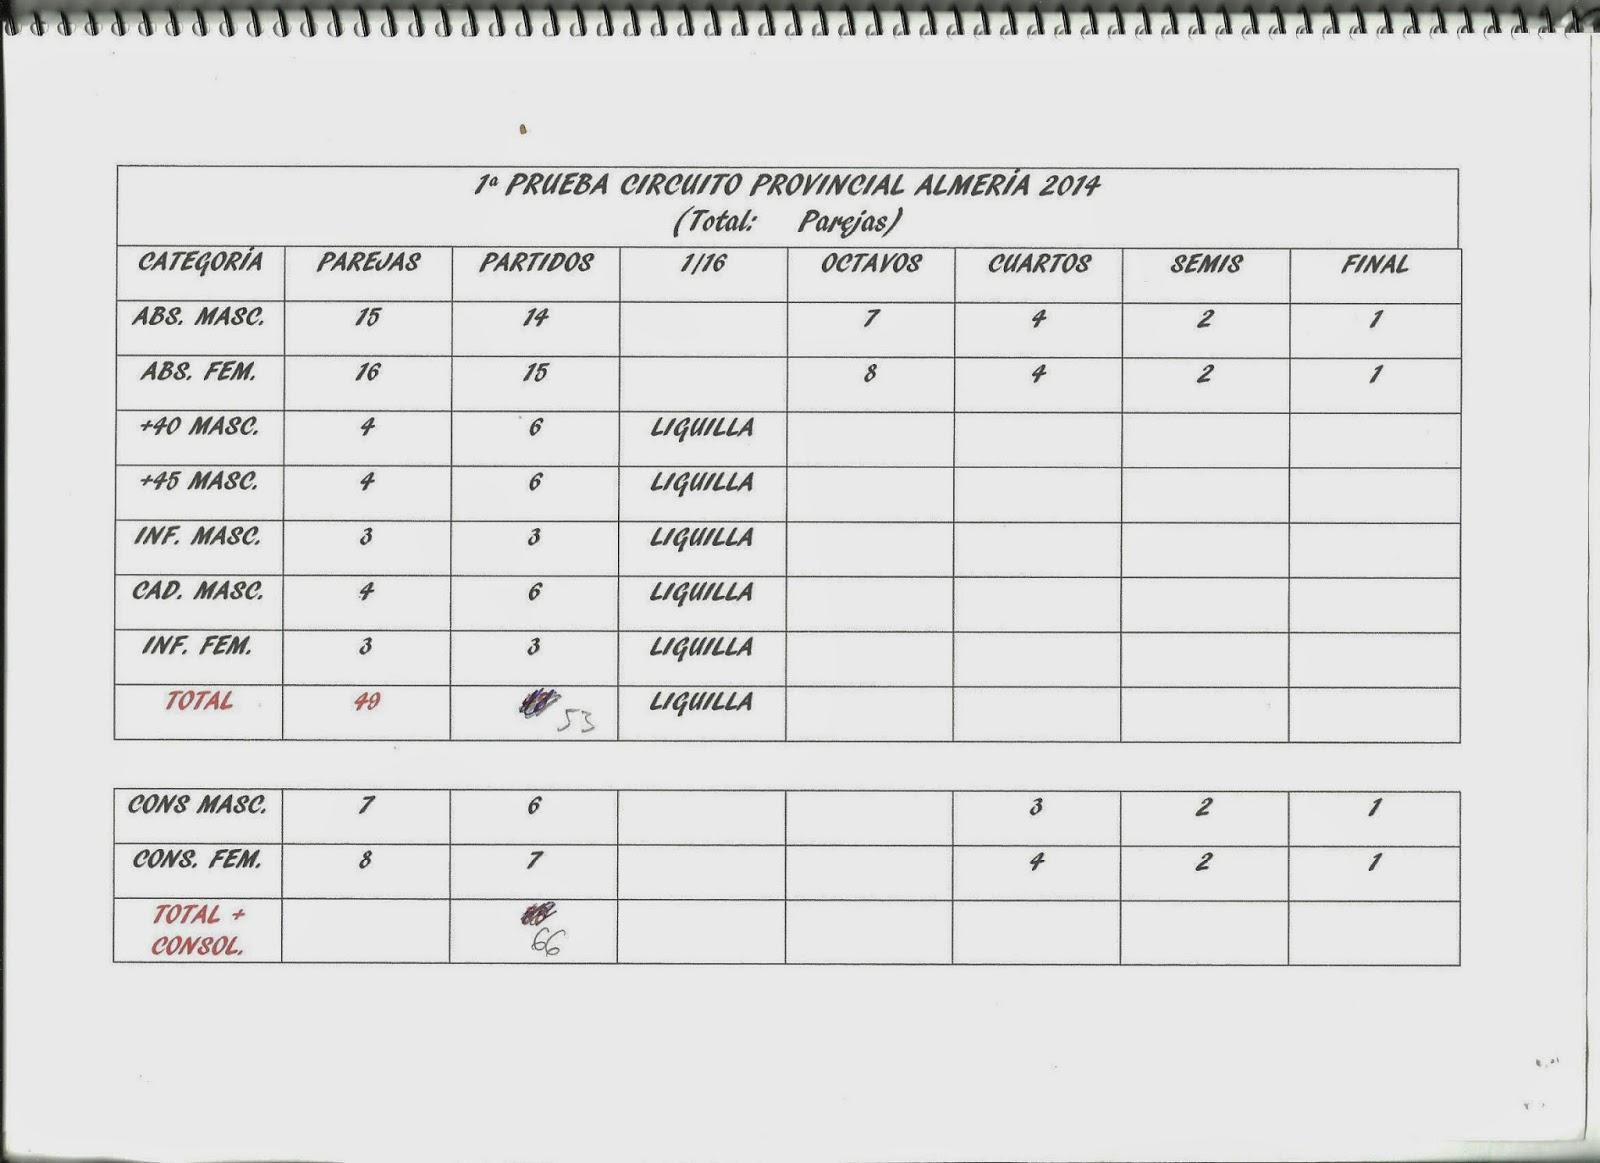 Imagen del cuadrante de partidos totales de la 1ª Prueba del Circuito Provincial